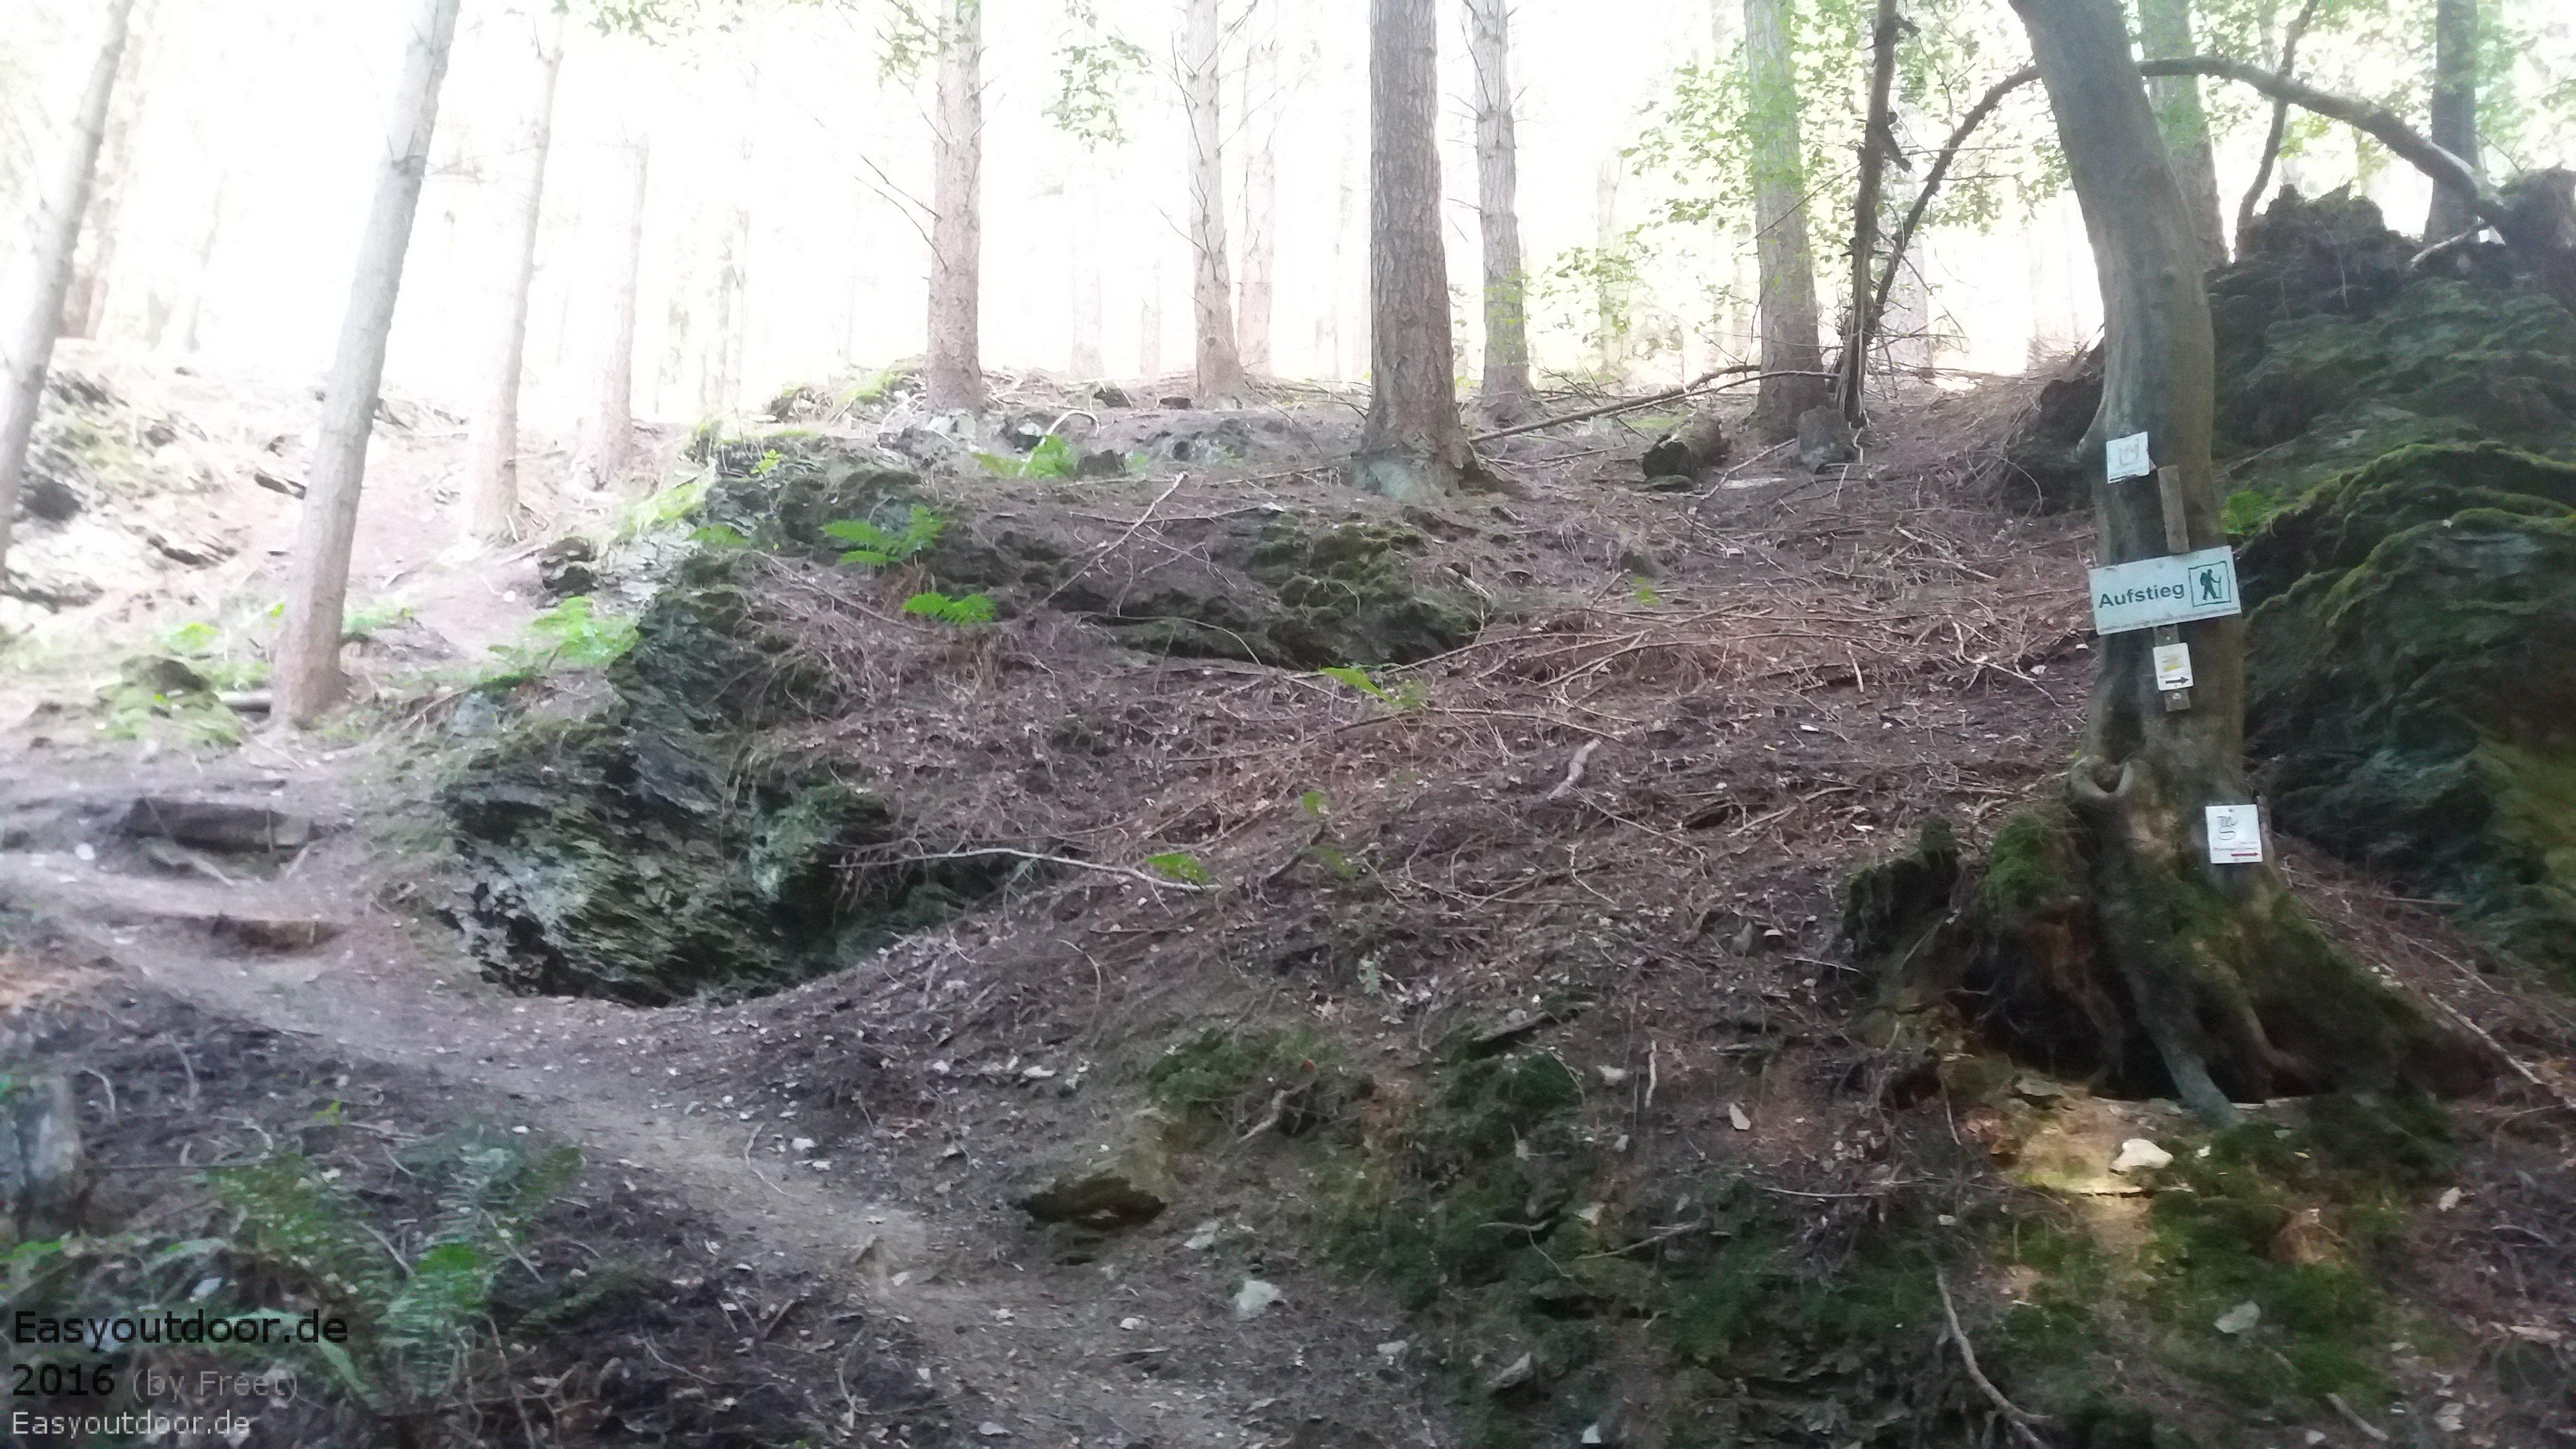 Klettersteig Riol : Klettersteig riol mehring unterwegs ist zuhauseu2026